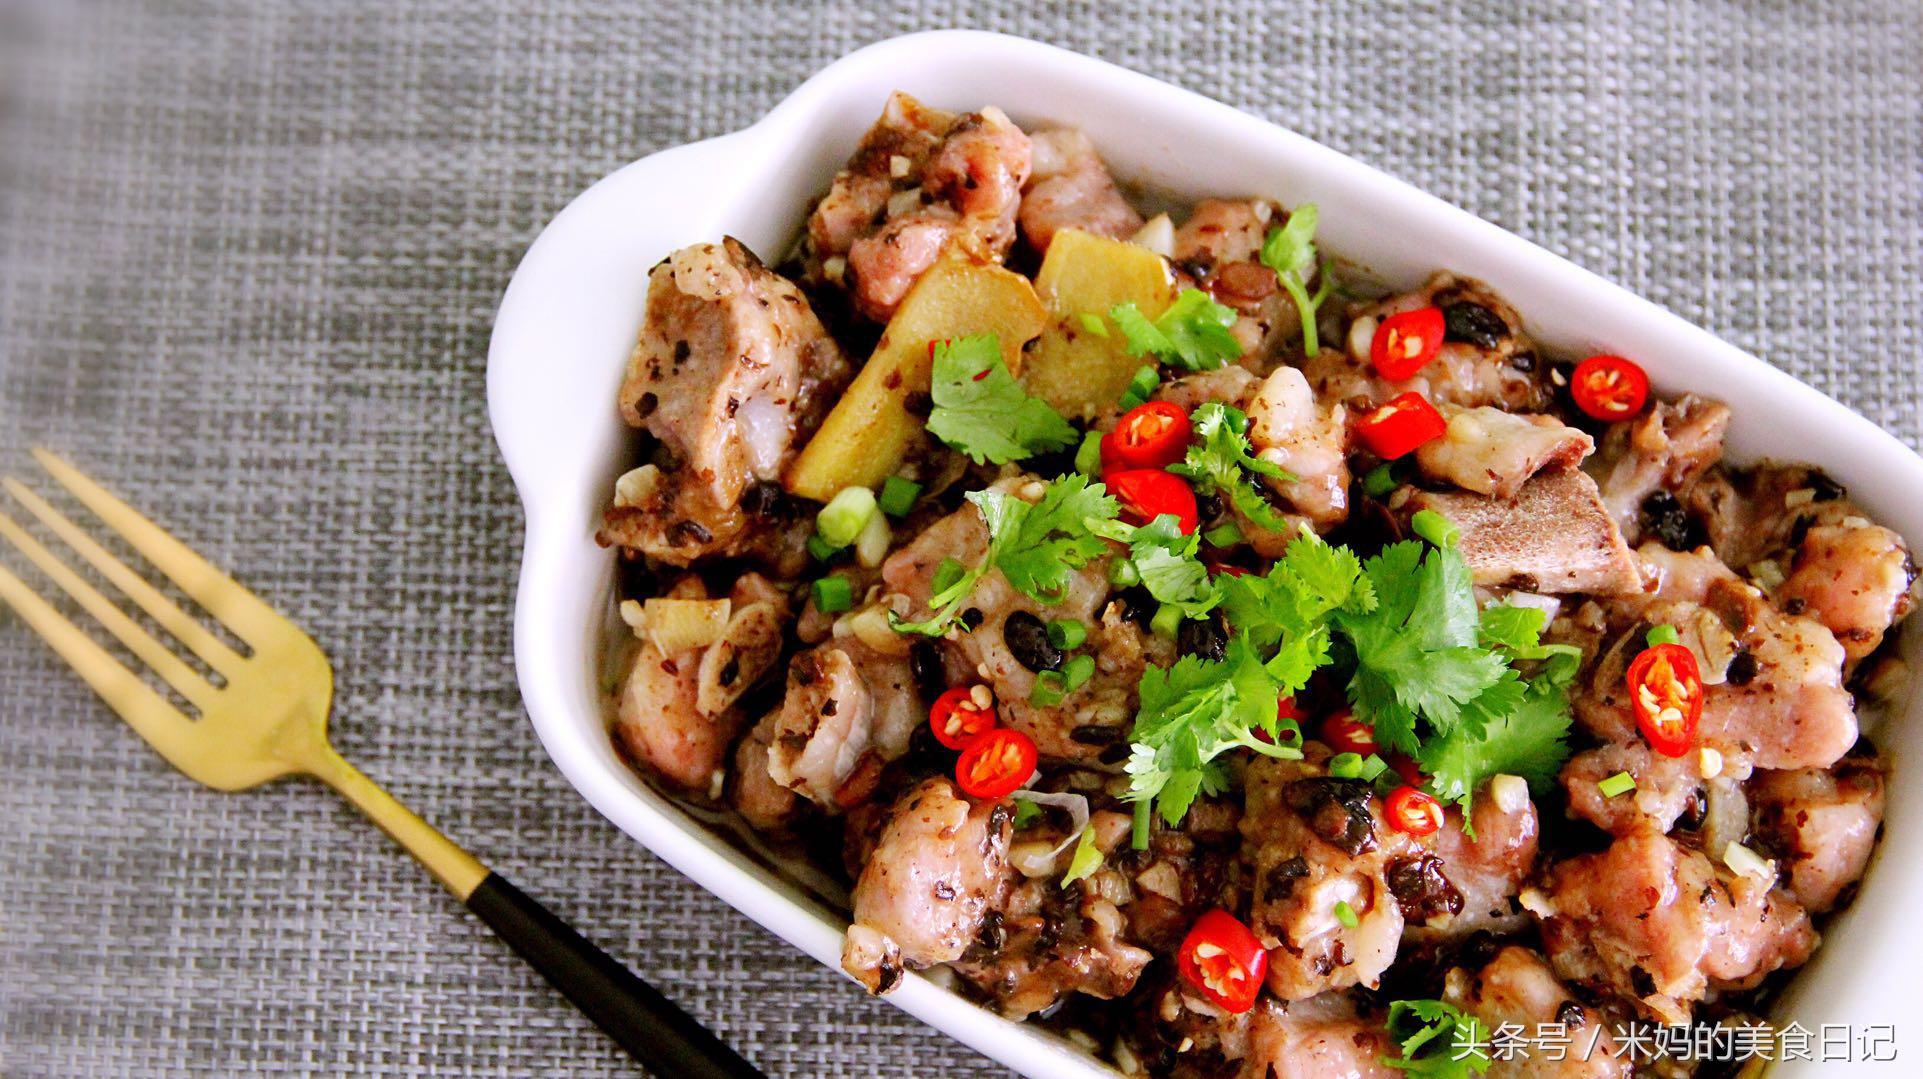 广式豆鼓蒸排骨做法步骤图 爽口脆嫩一次一盘都不够吃